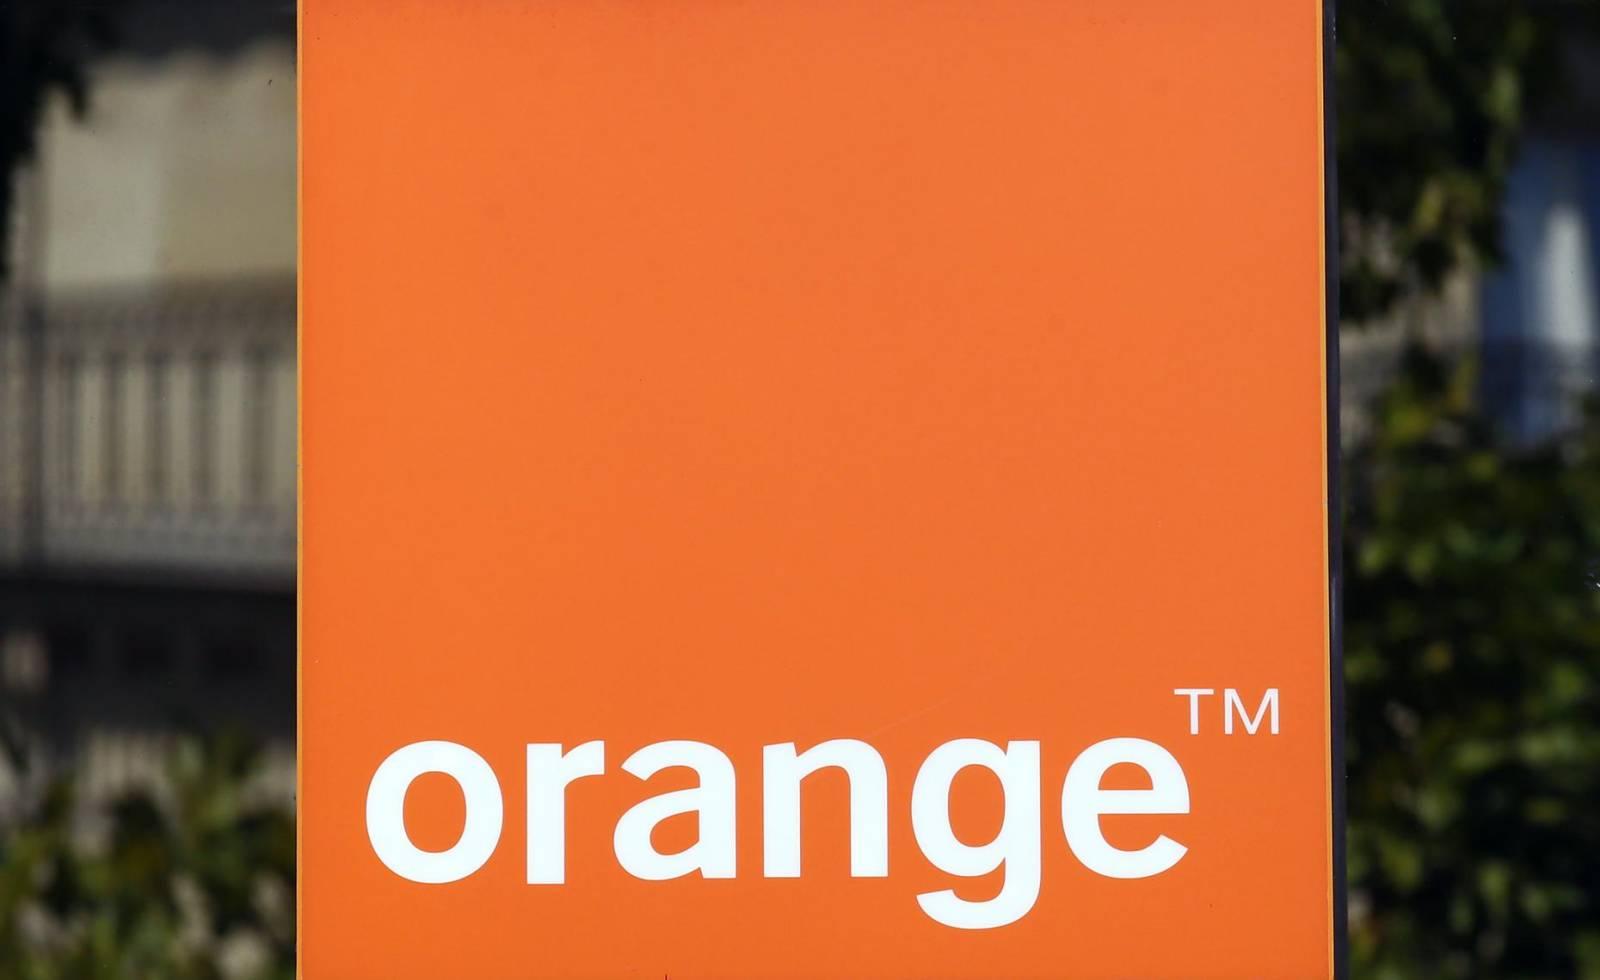 Black Friday Continua la Orange Romania cu Aceste Oferte GROZAVE la Telefoane